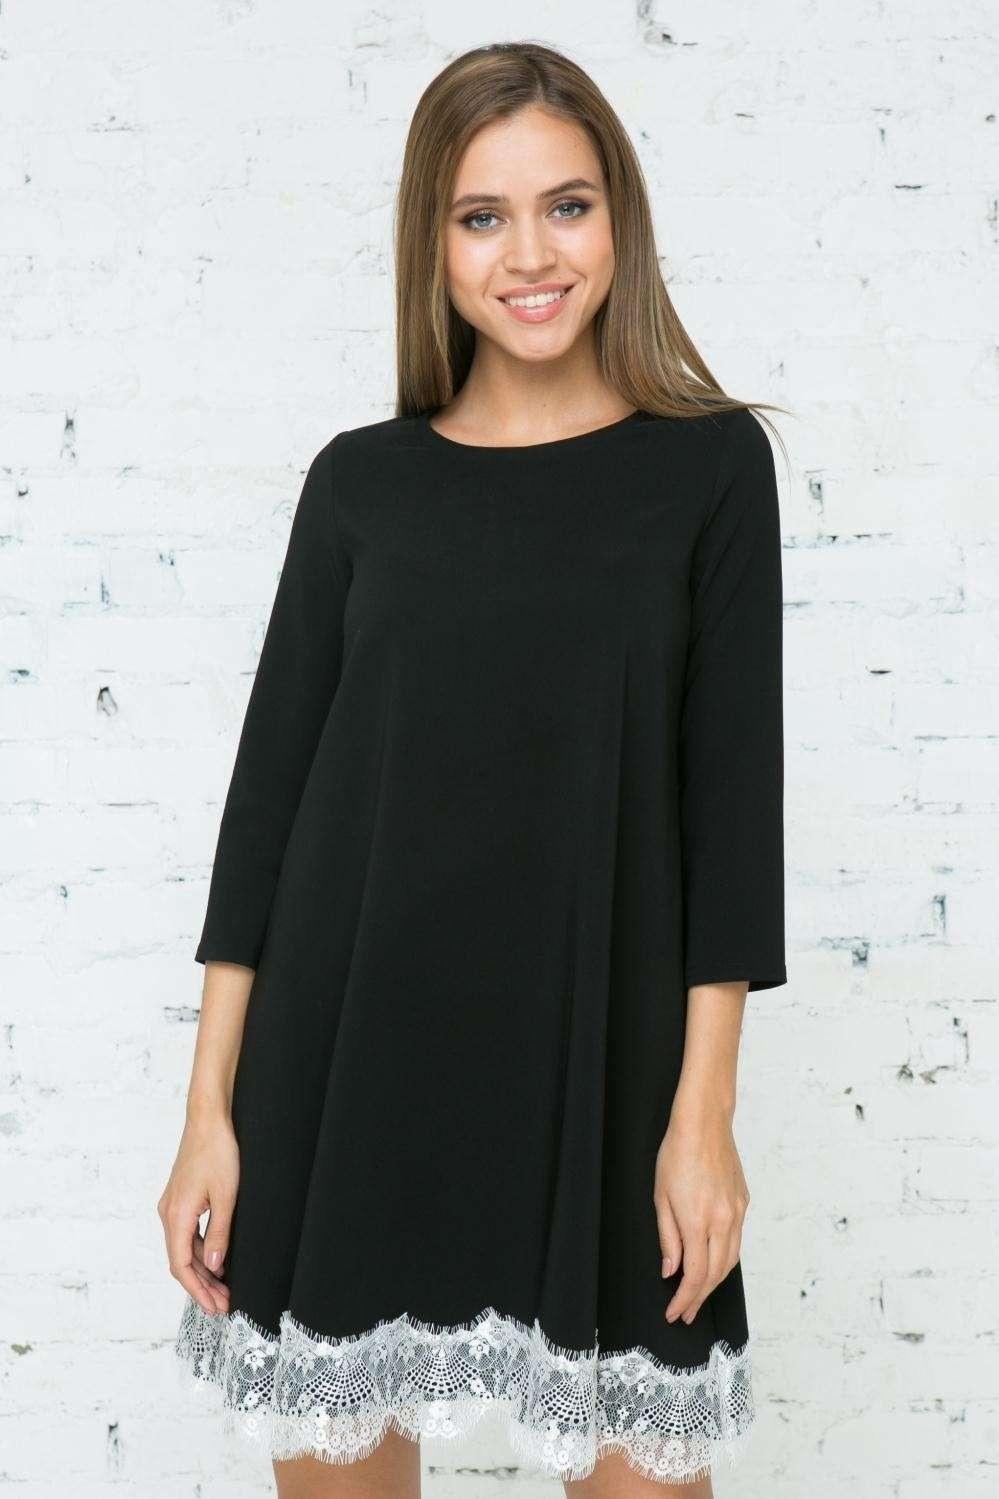 Abend Luxurius Schwarzes Kleid Spitze Boutique13 Genial Schwarzes Kleid Spitze Vertrieb